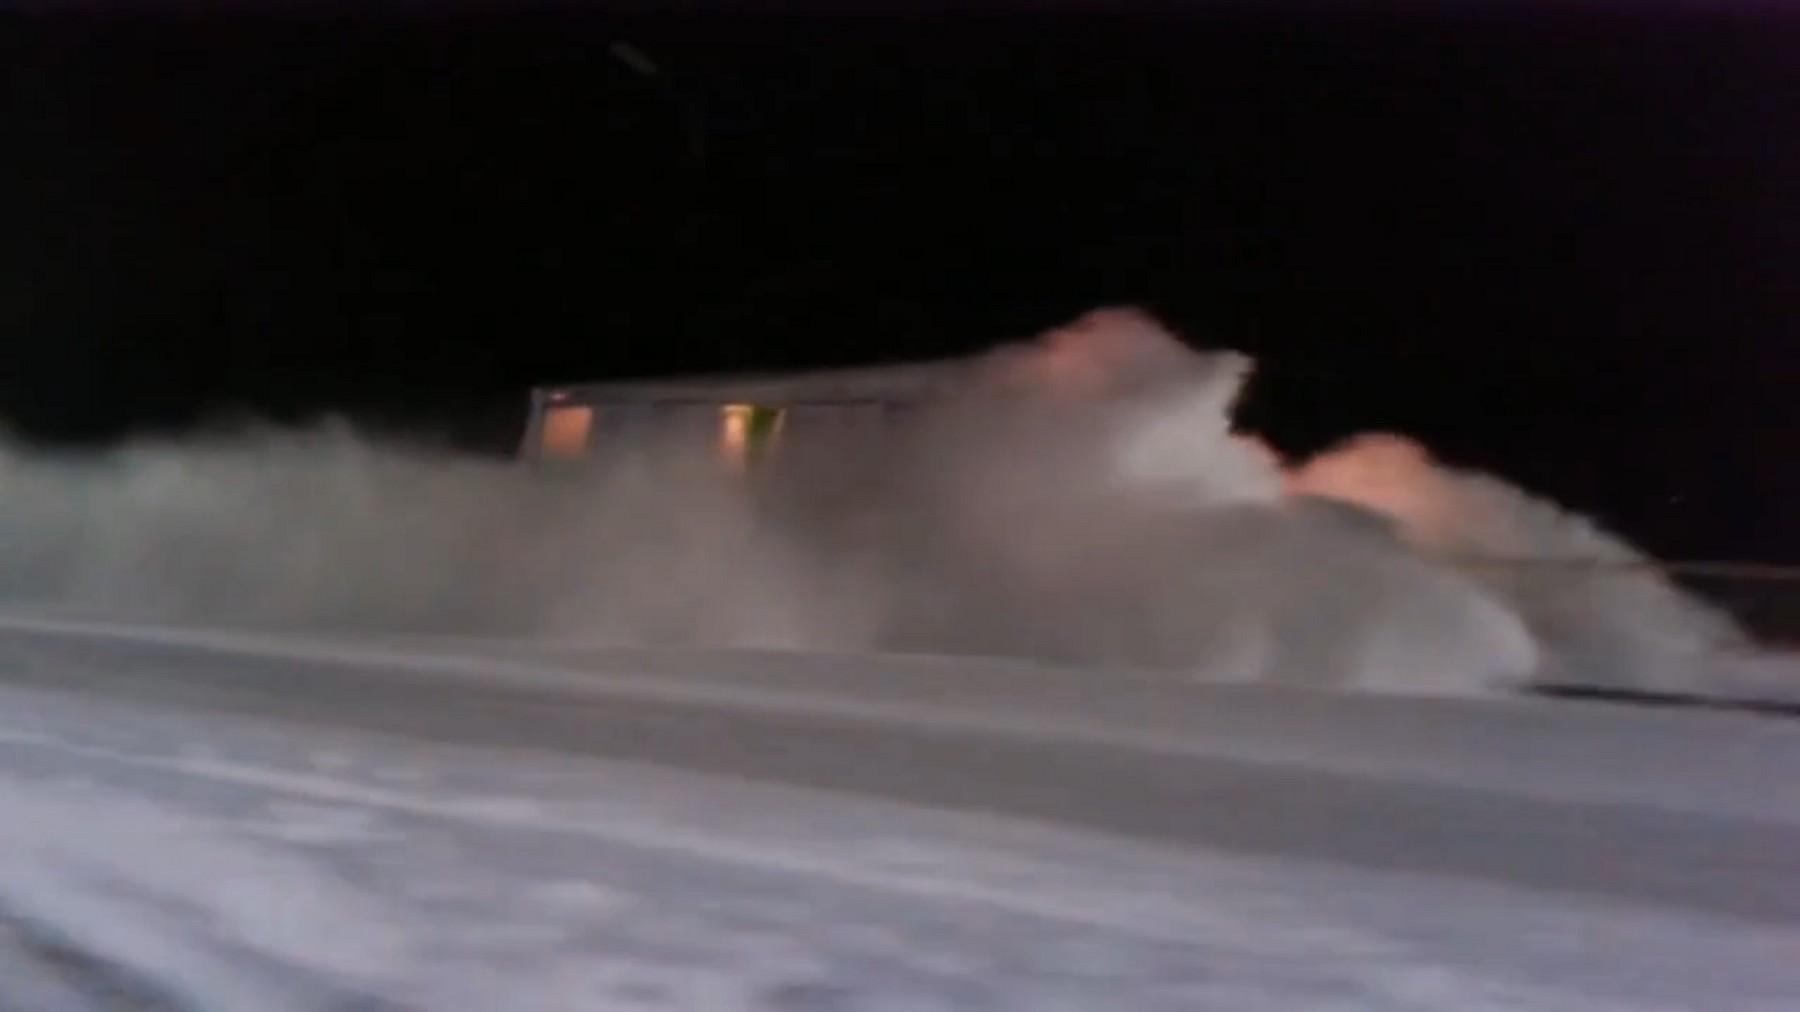 Посмотрите на инфернальный трамвай в Челябинской области. Выглядит как в фильме «Сквозь снег»